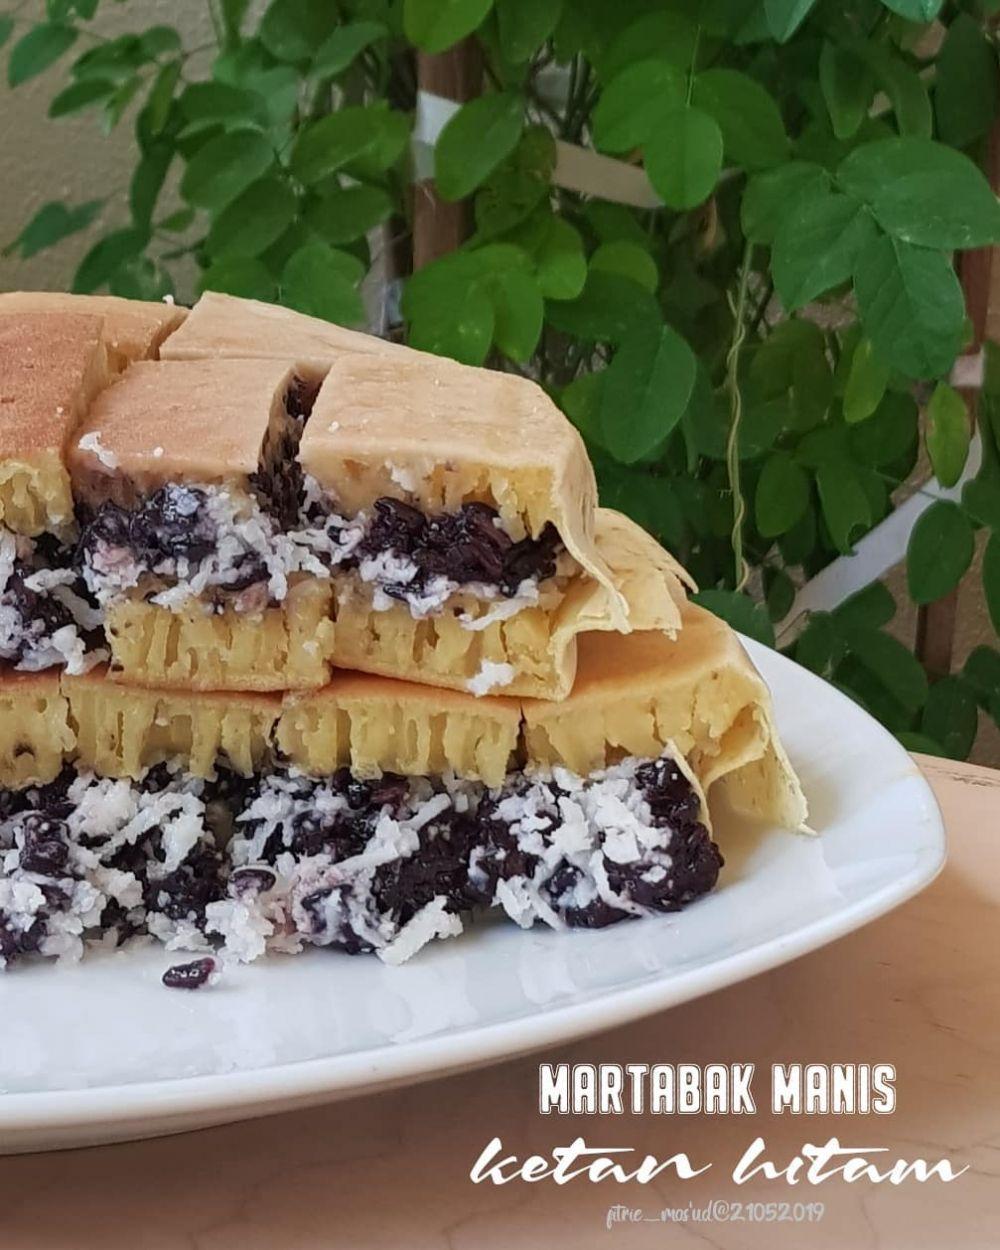 18 Resep Martabak Manis Enak Lembut Dan Praktis Instagram Resep Resep Makanan Penutup Makanan Manis